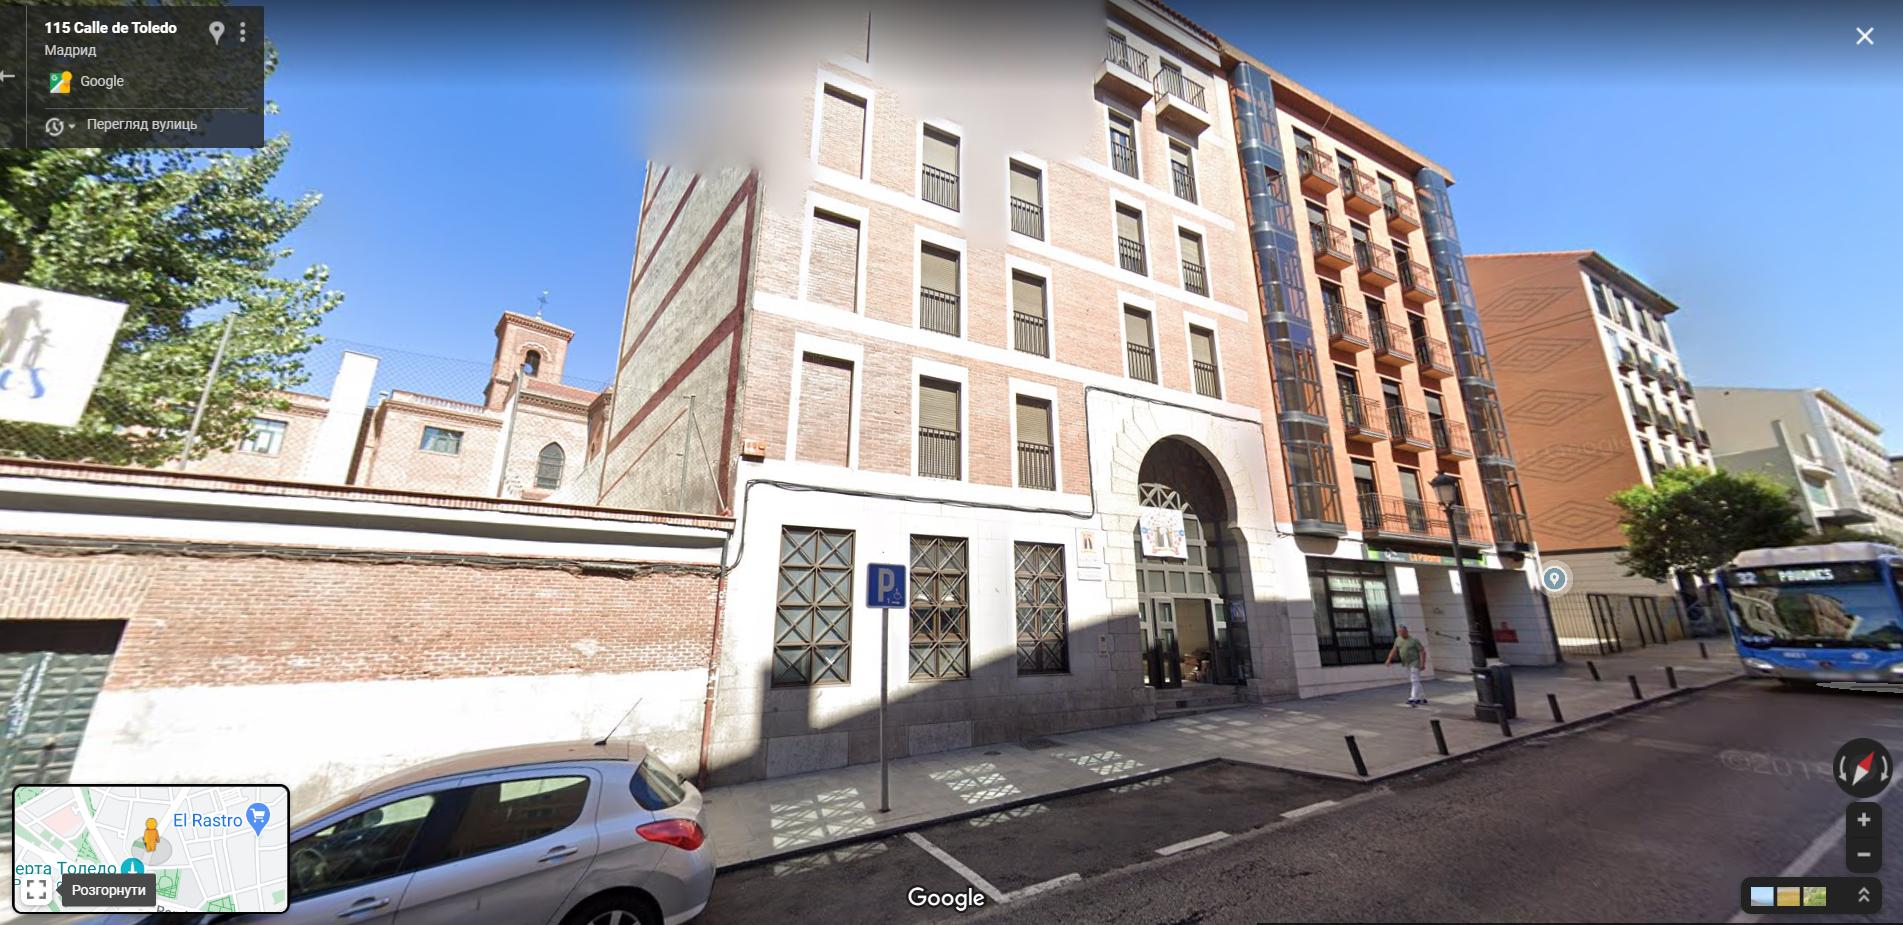 Дом, который взорвался в Мадриде